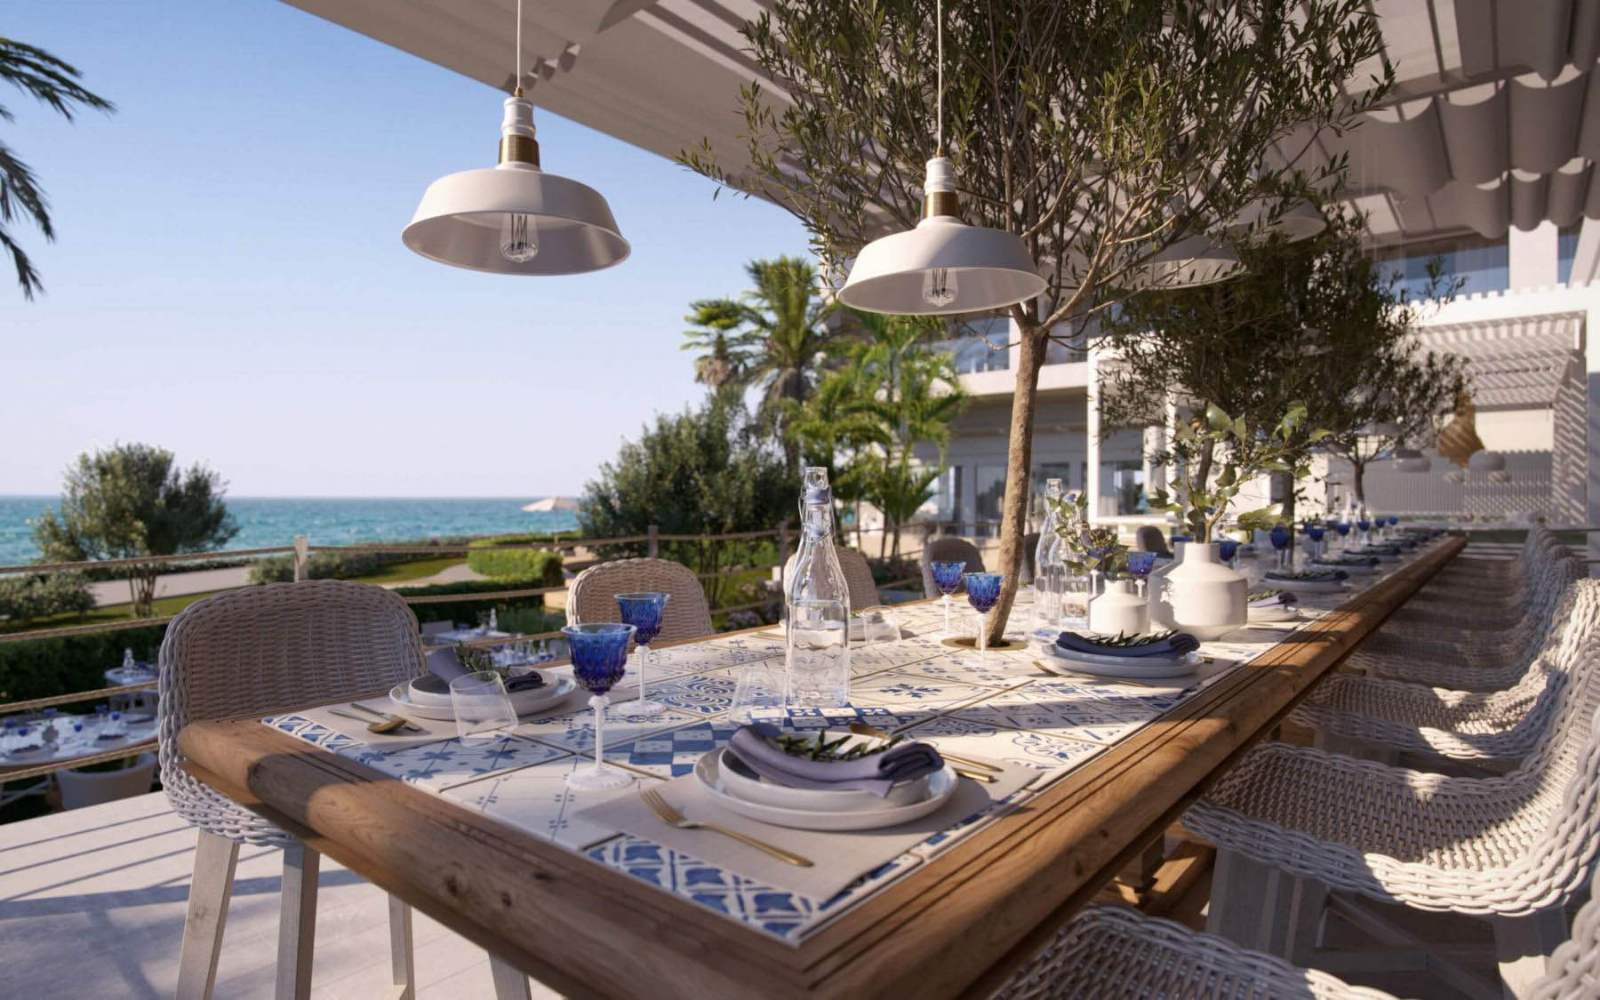 Ikos Andalusia - Ouzo restaurant